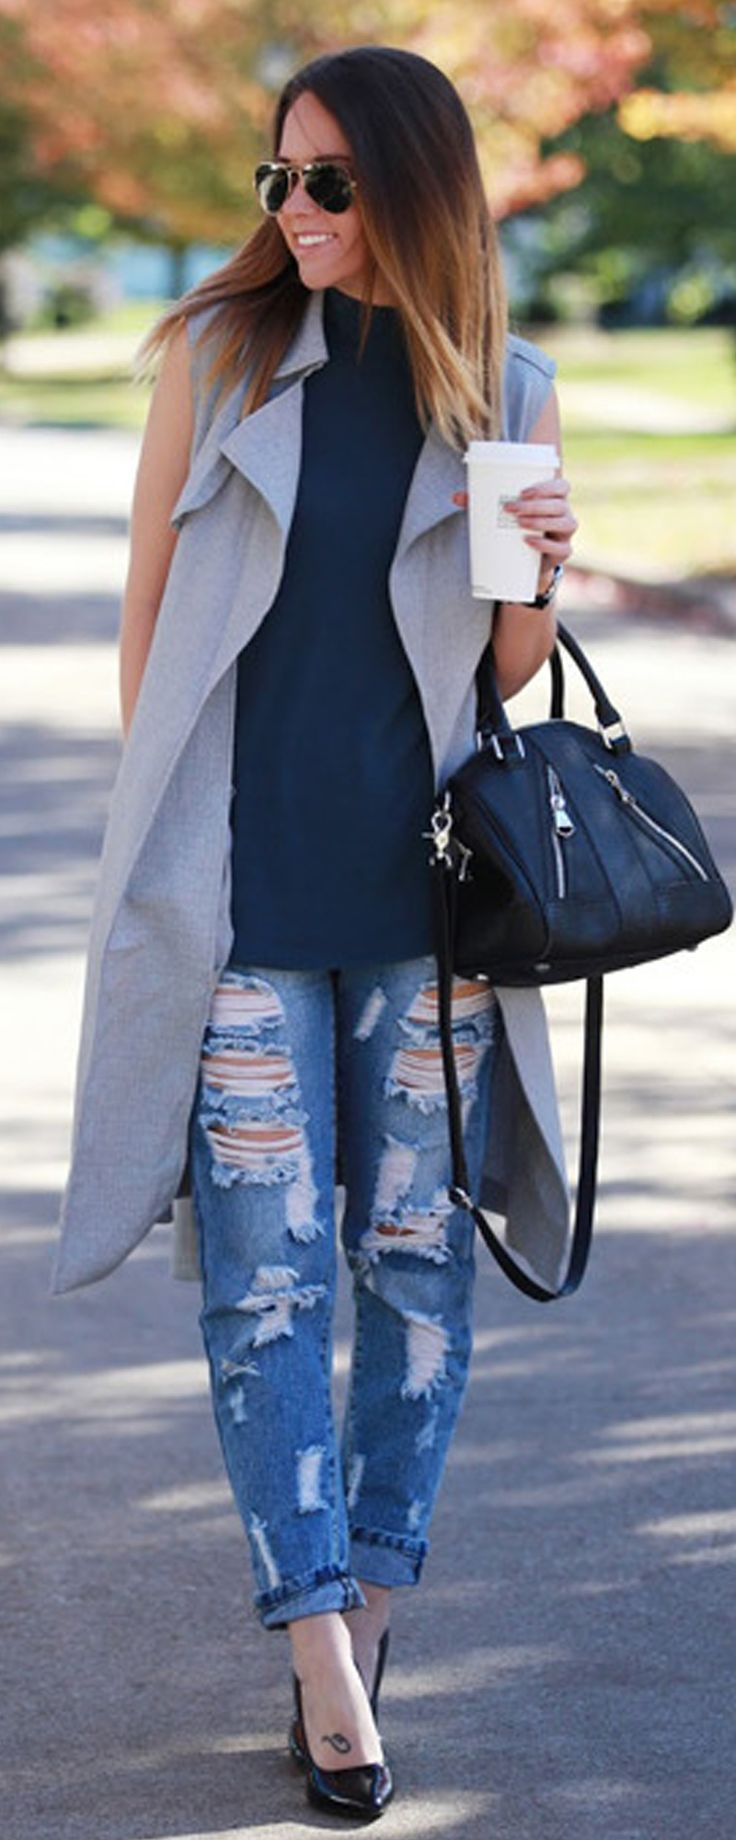 Chic Grey Sleeveless Lapel Pockets Trench Coat - Sleeveless Trench Coat - Grey Vest - m.shein.com